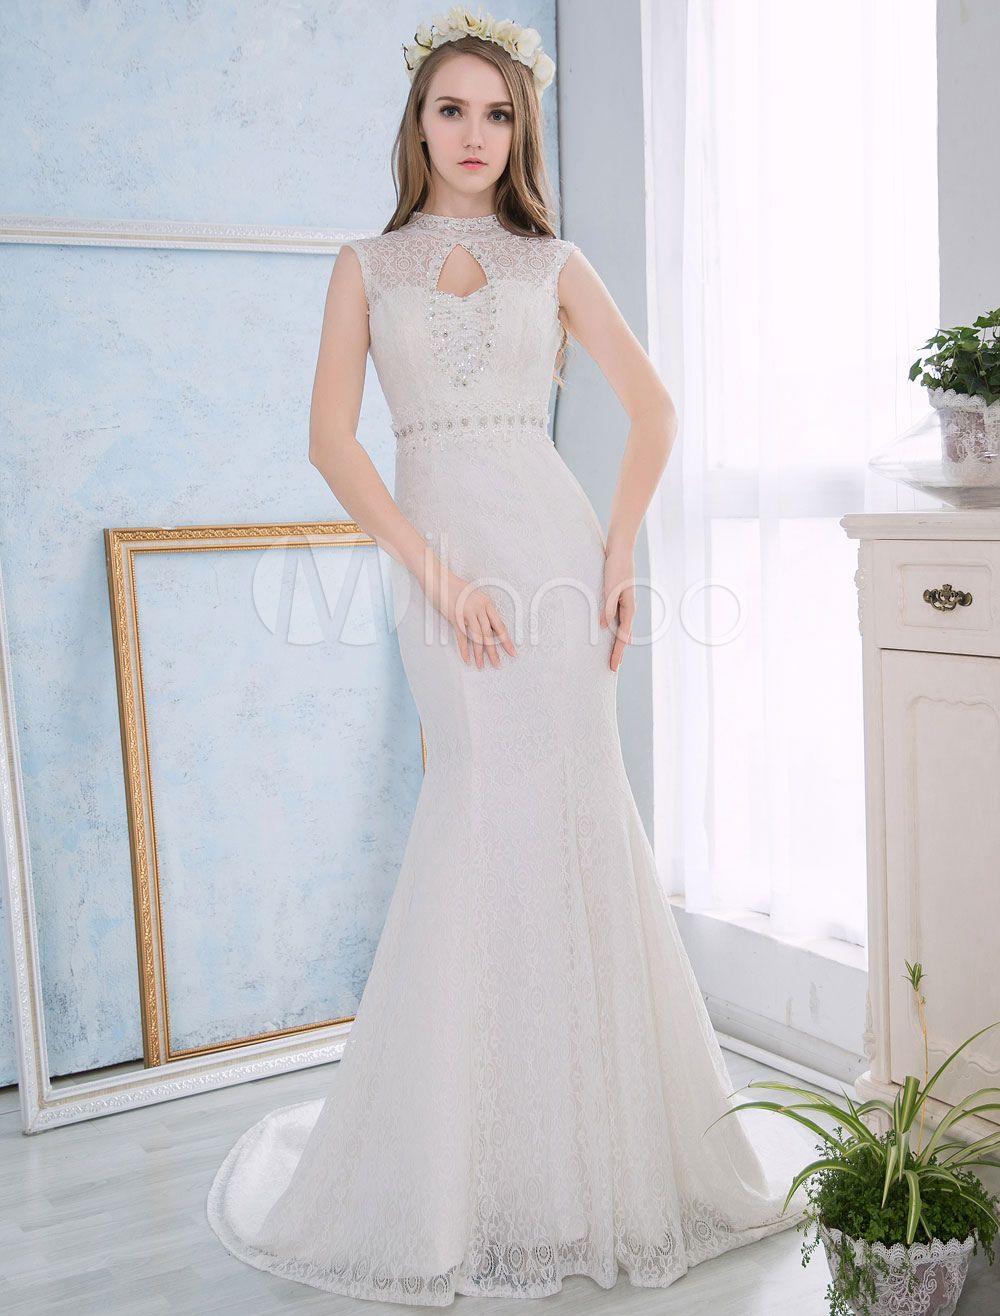 Mermaid Wedding Dresses Lace Ivory Bridal Dress Sleeveless ...